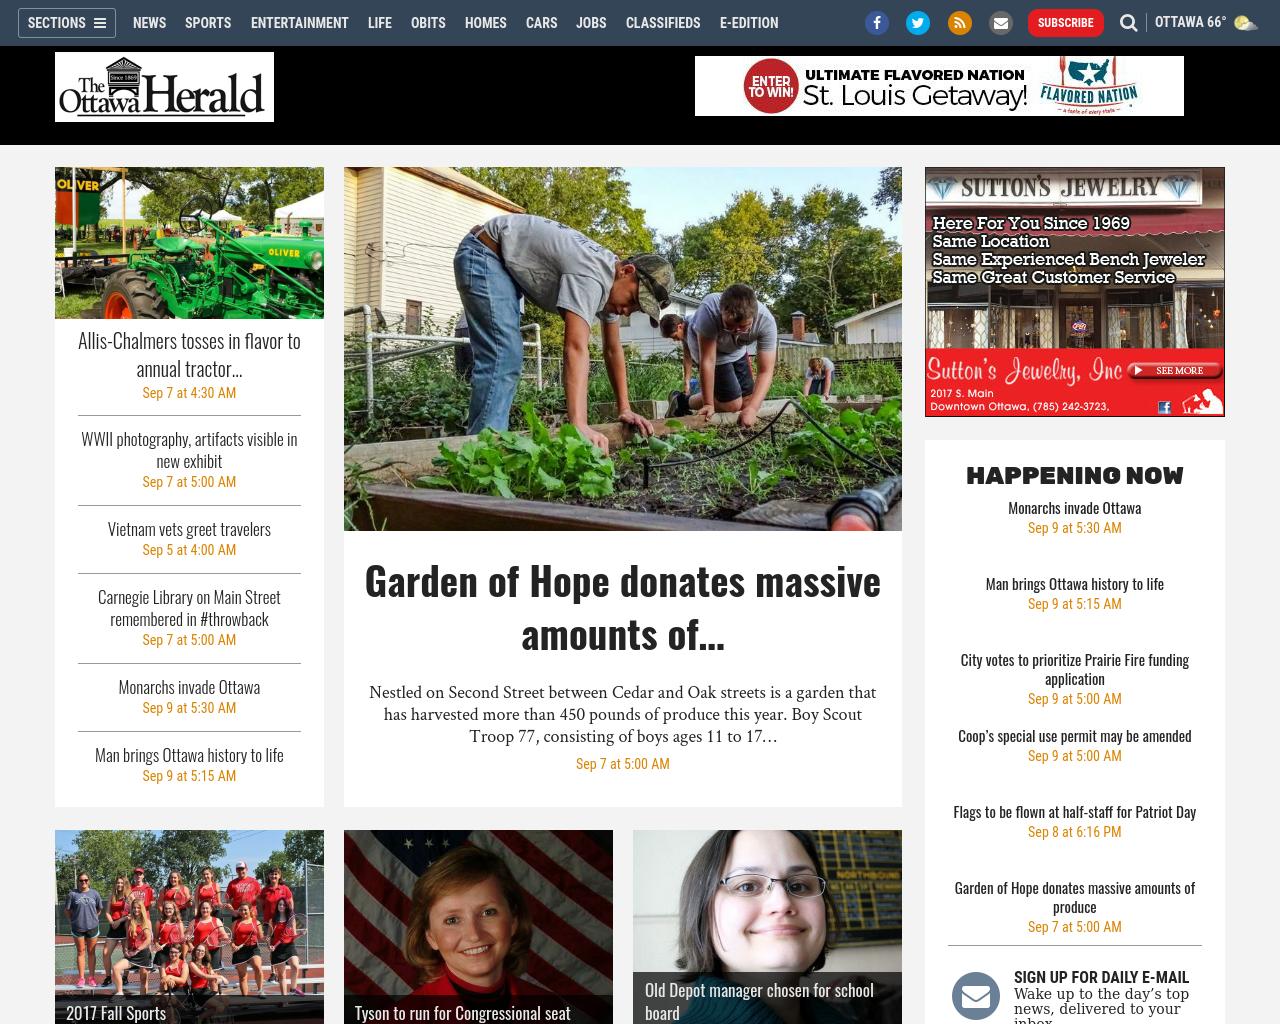 Ottawa-Herald-Advertising-Reviews-Pricing